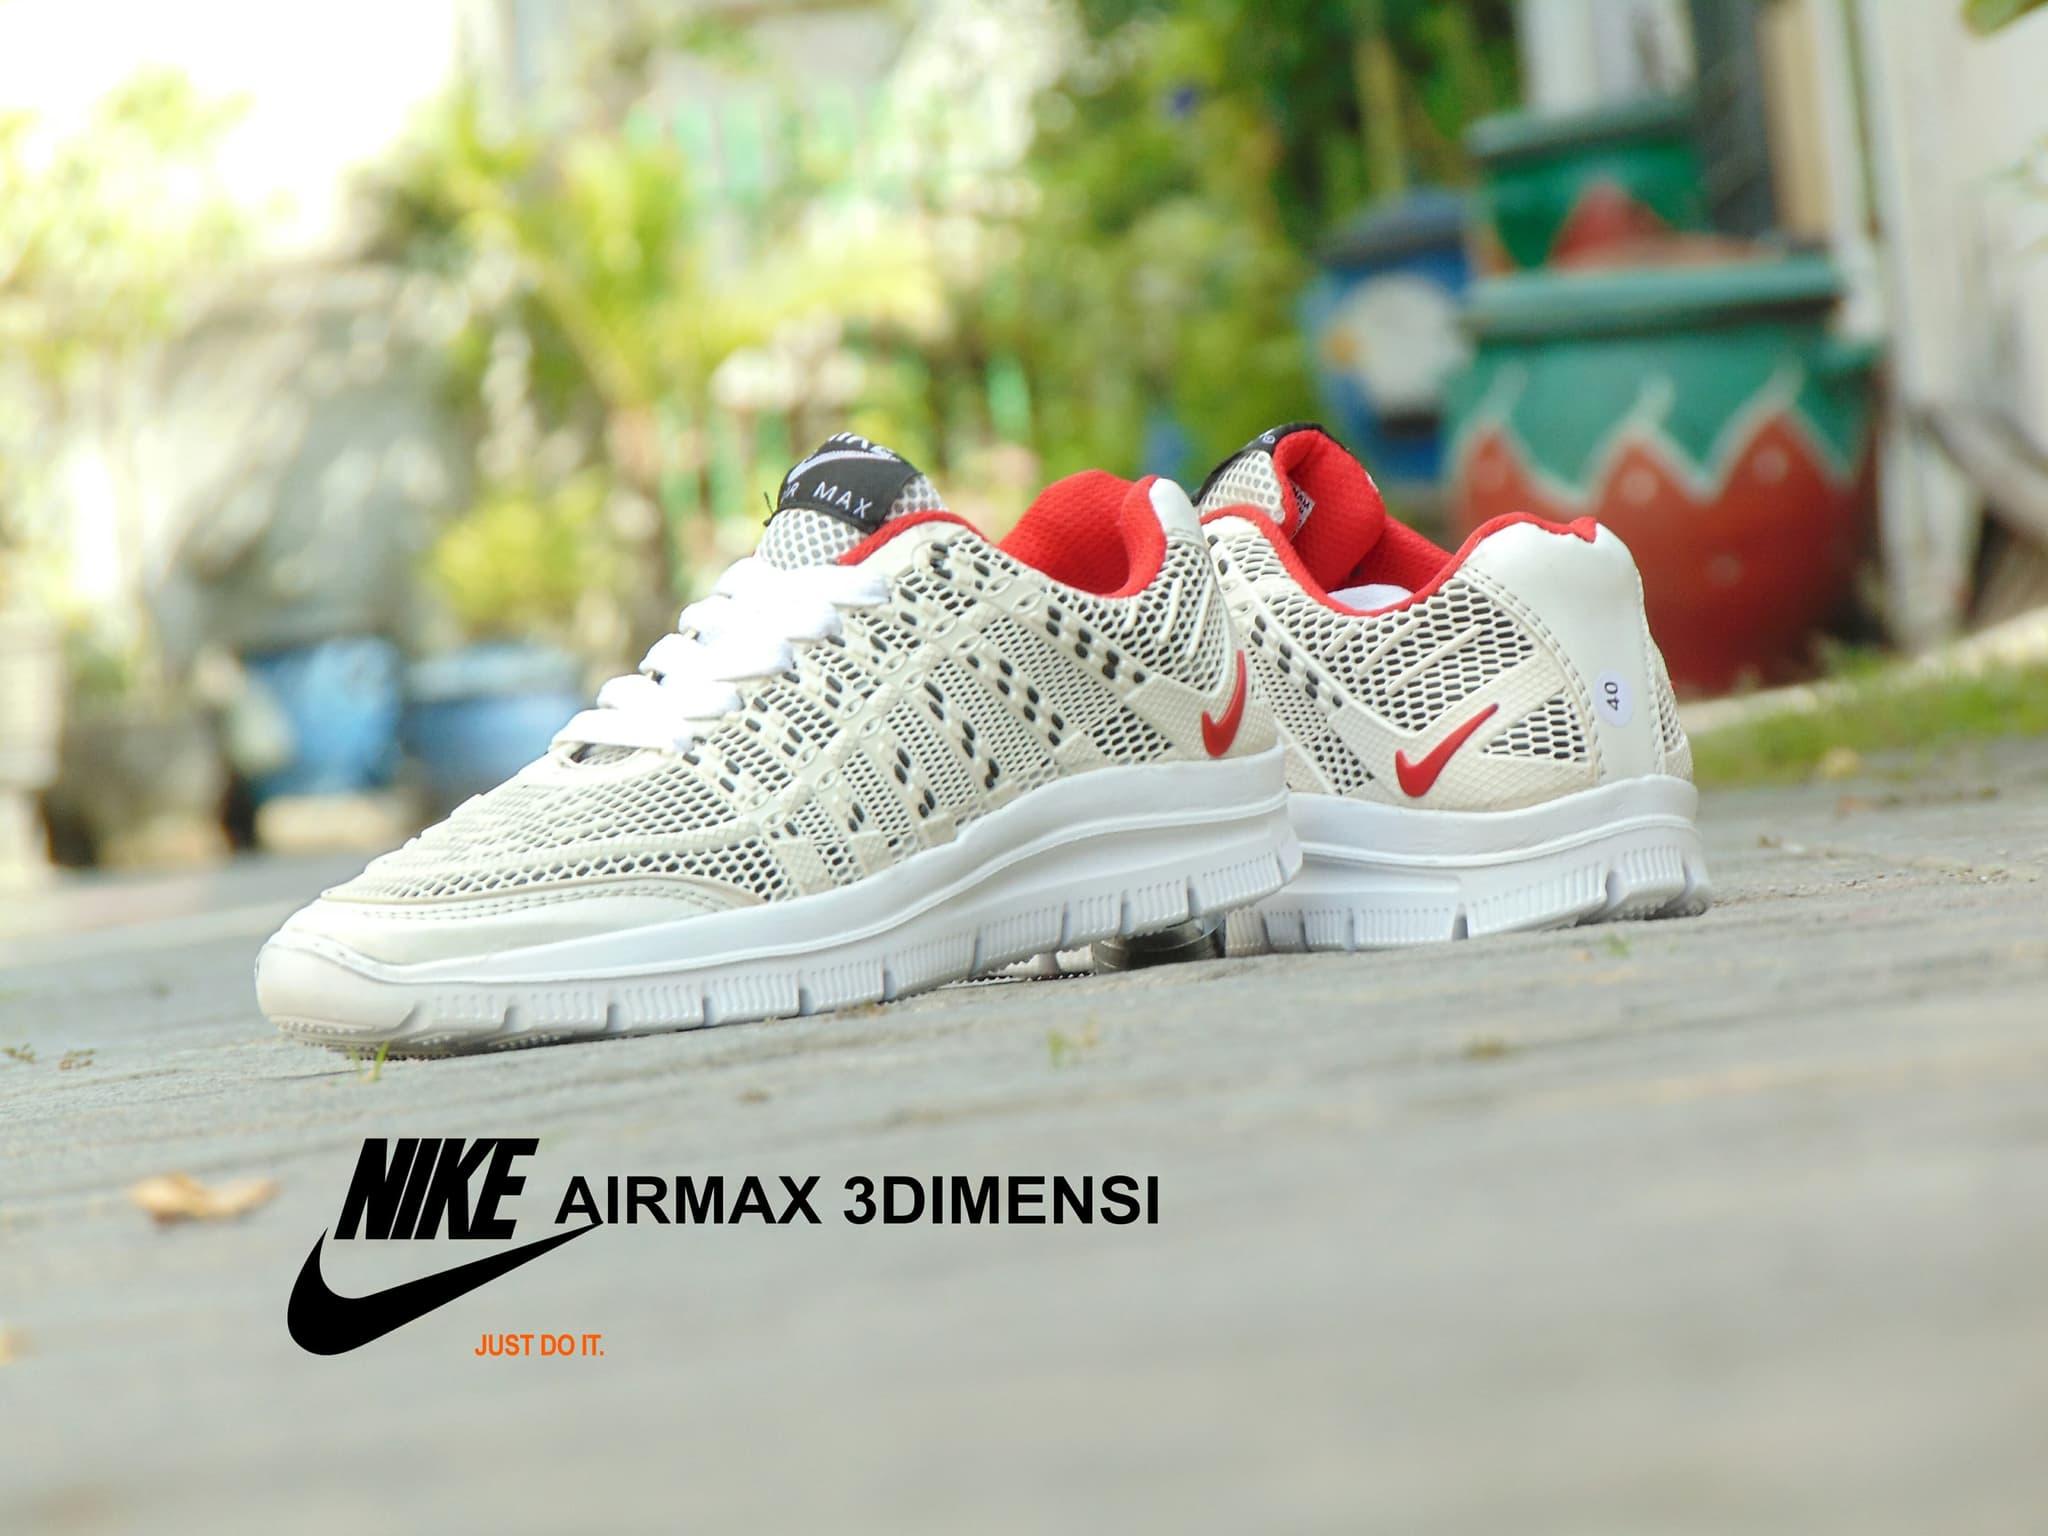 Jual Sepatu Nike Airmax 3D Skin Full White Putih Sport Casual Pria wanita RINDU ORDER